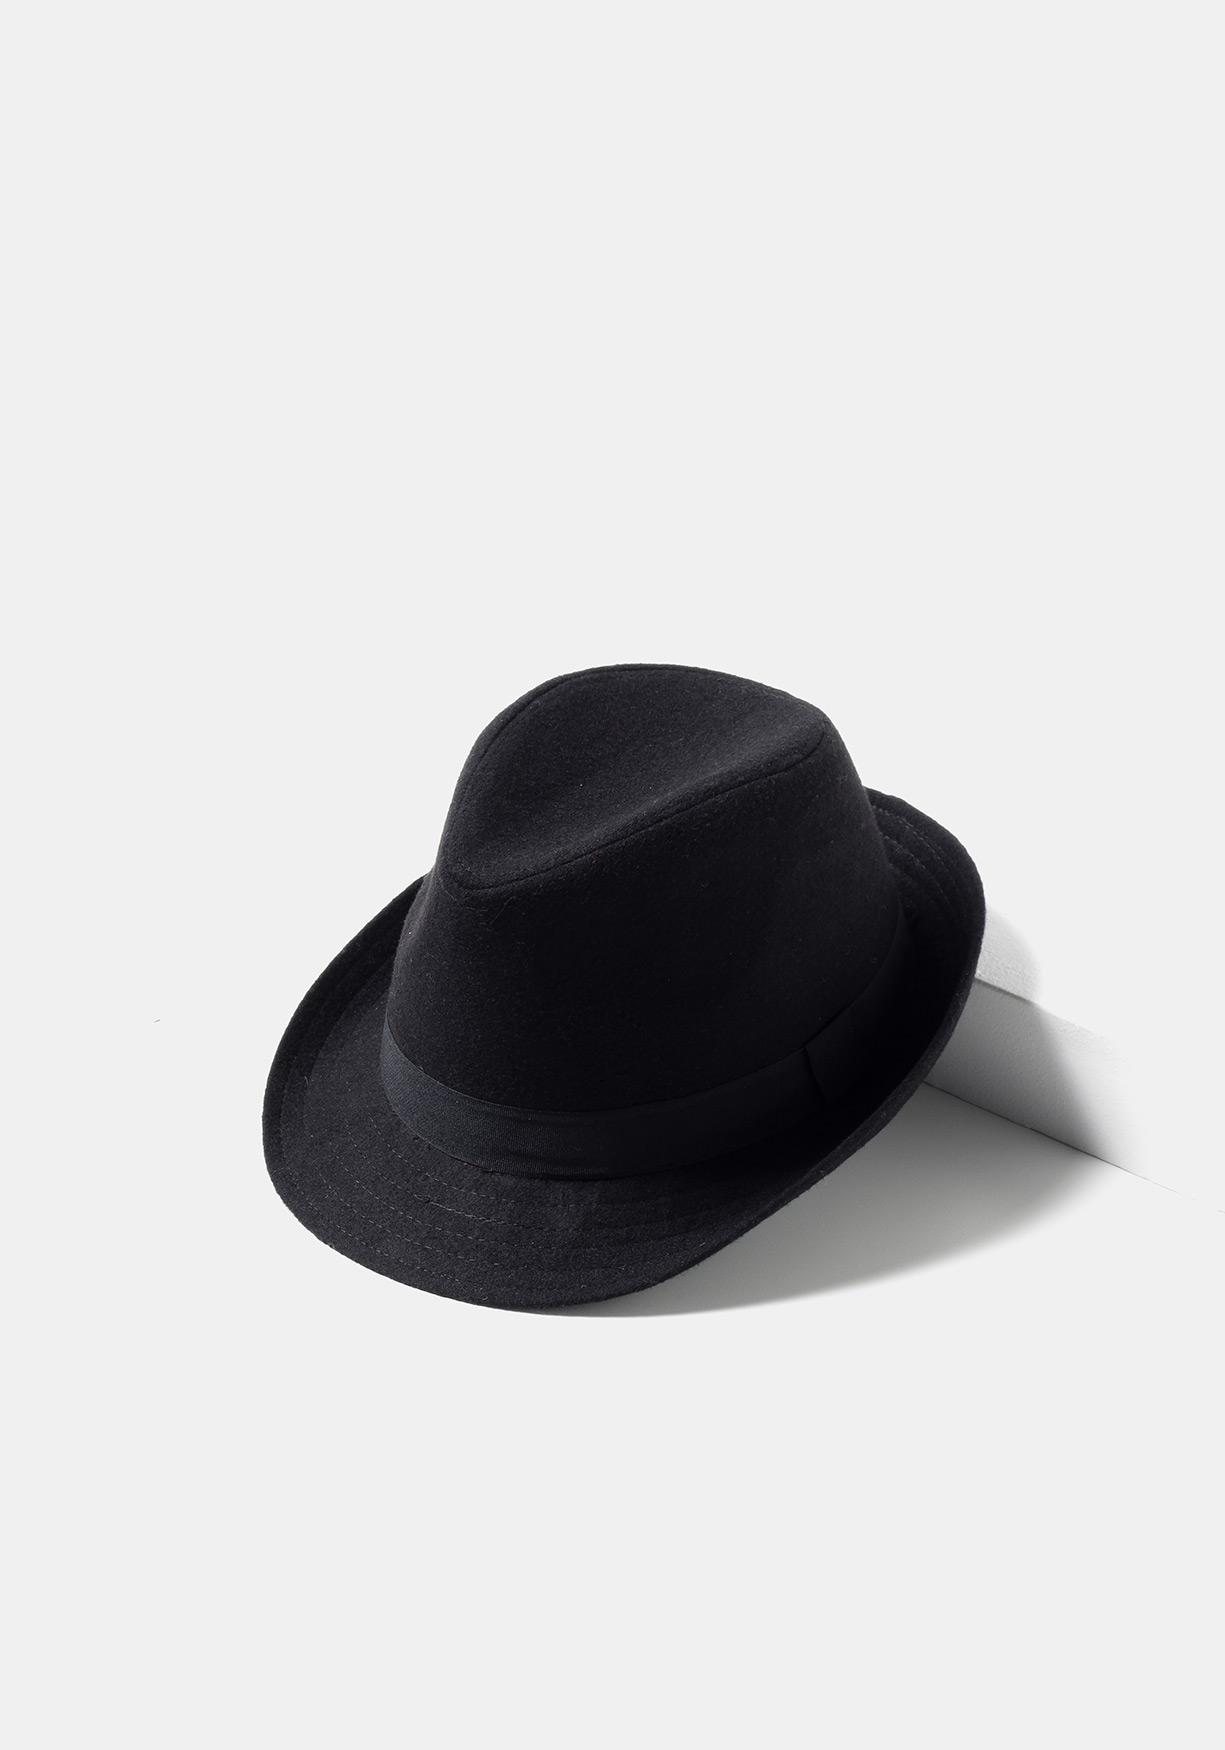 Comprar Sombrero borsalino negro. ¡Aprovéchate de nuestros precios y ... c690cc50c00